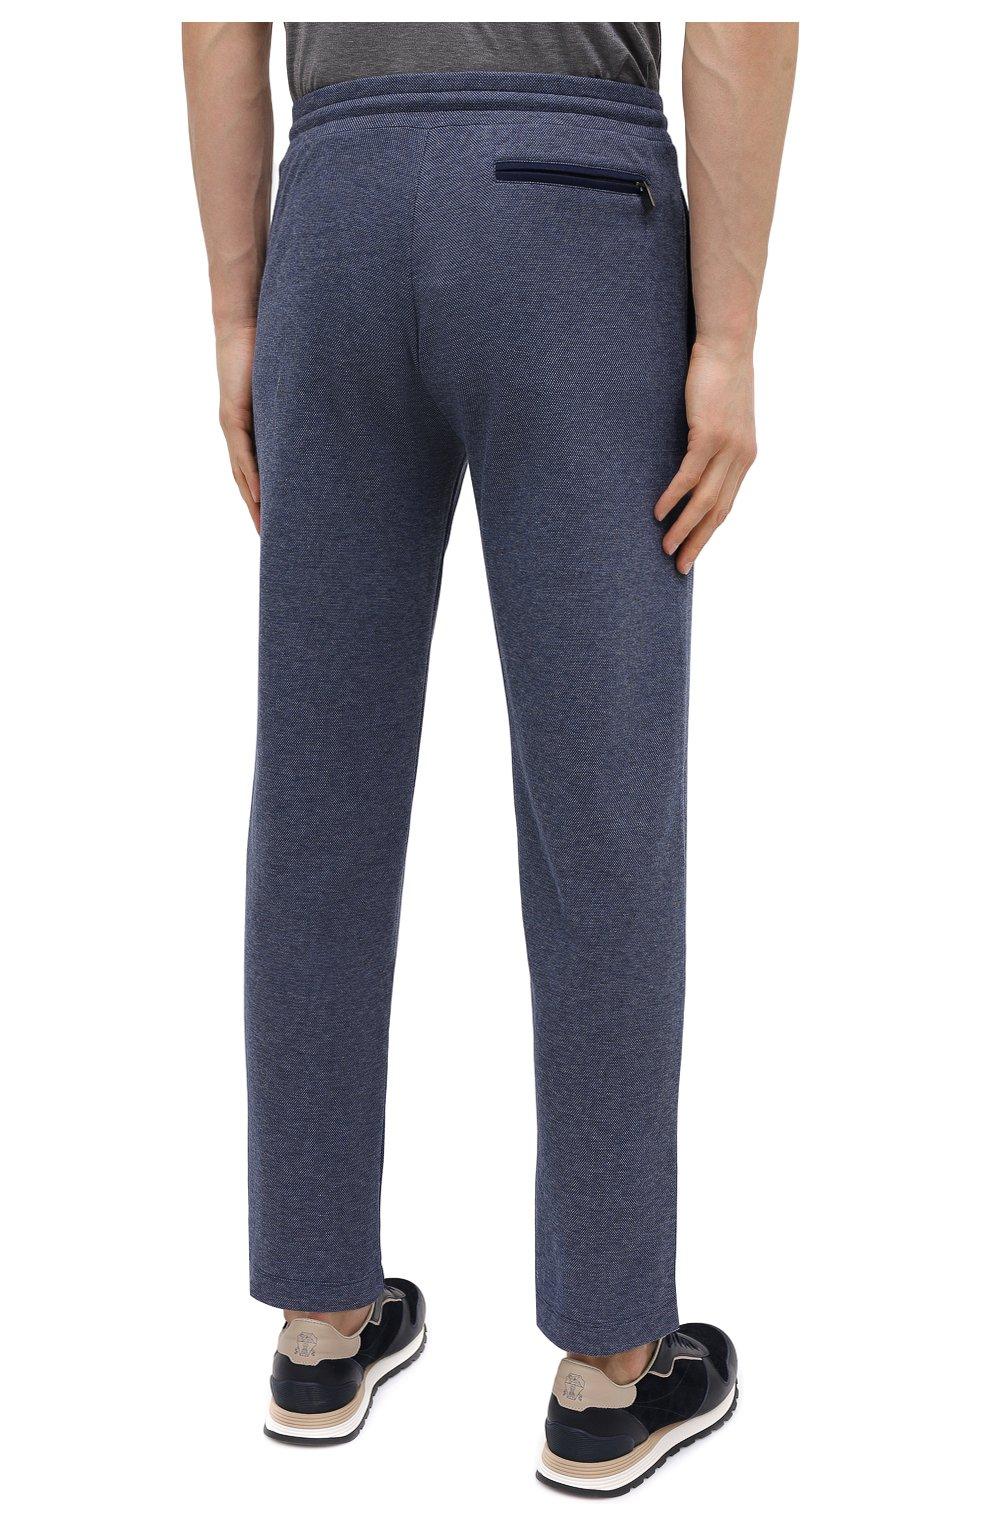 Мужские хлопковые брюки CANALI темно-синего цвета, арт. T0656/MJ01159 | Фото 4 (Мужское Кросс-КТ: Брюки-трикотаж; Длина (брюки, джинсы): Стандартные; Случай: Повседневный; Материал внешний: Хлопок; Стили: Спорт-шик)